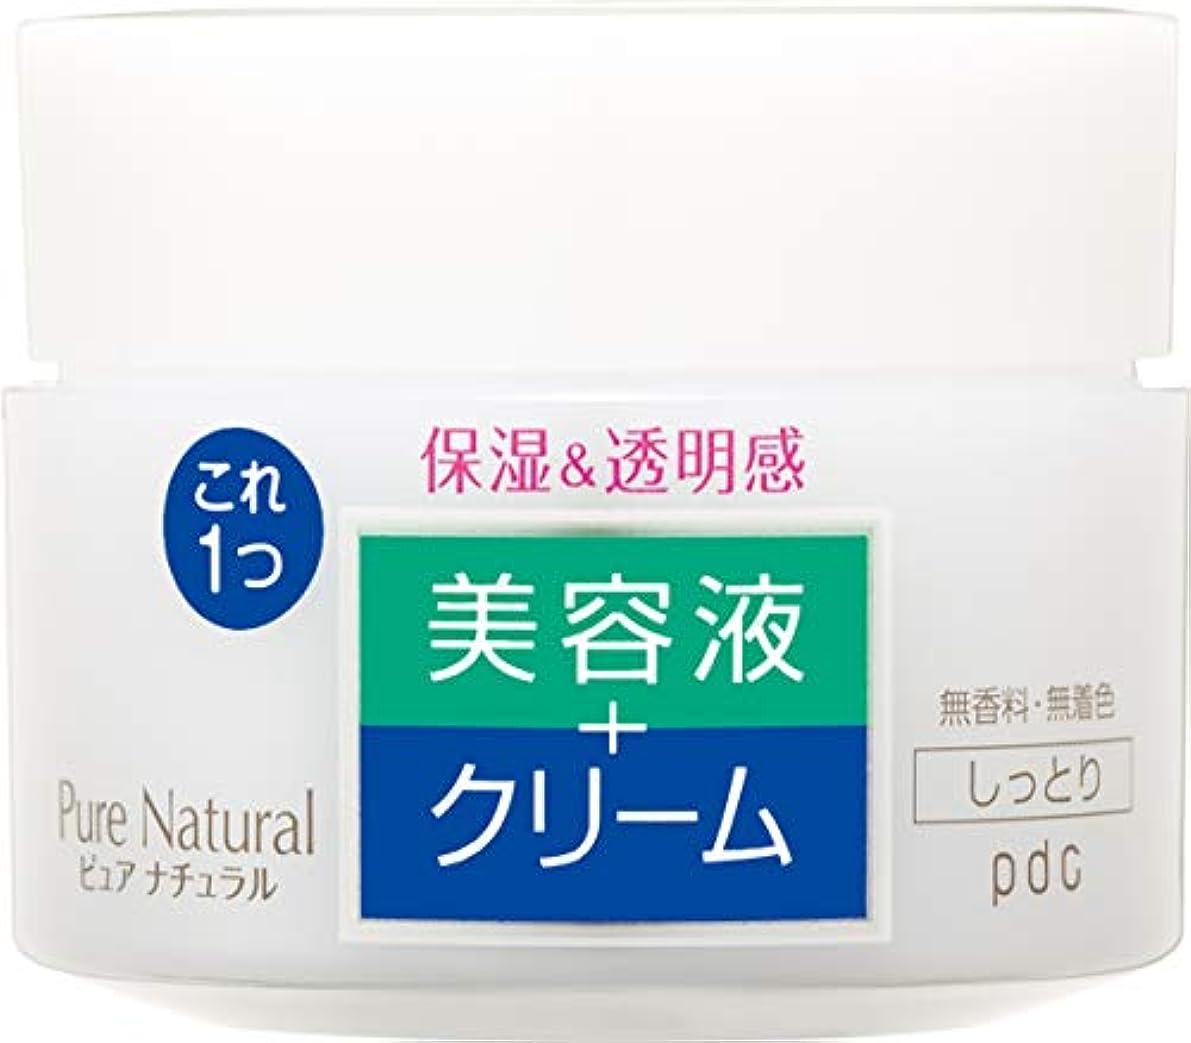 衰えるドラゴン強制的Pure NATURAL(ピュアナチュラル) クリームエッセンス モイスト 100g